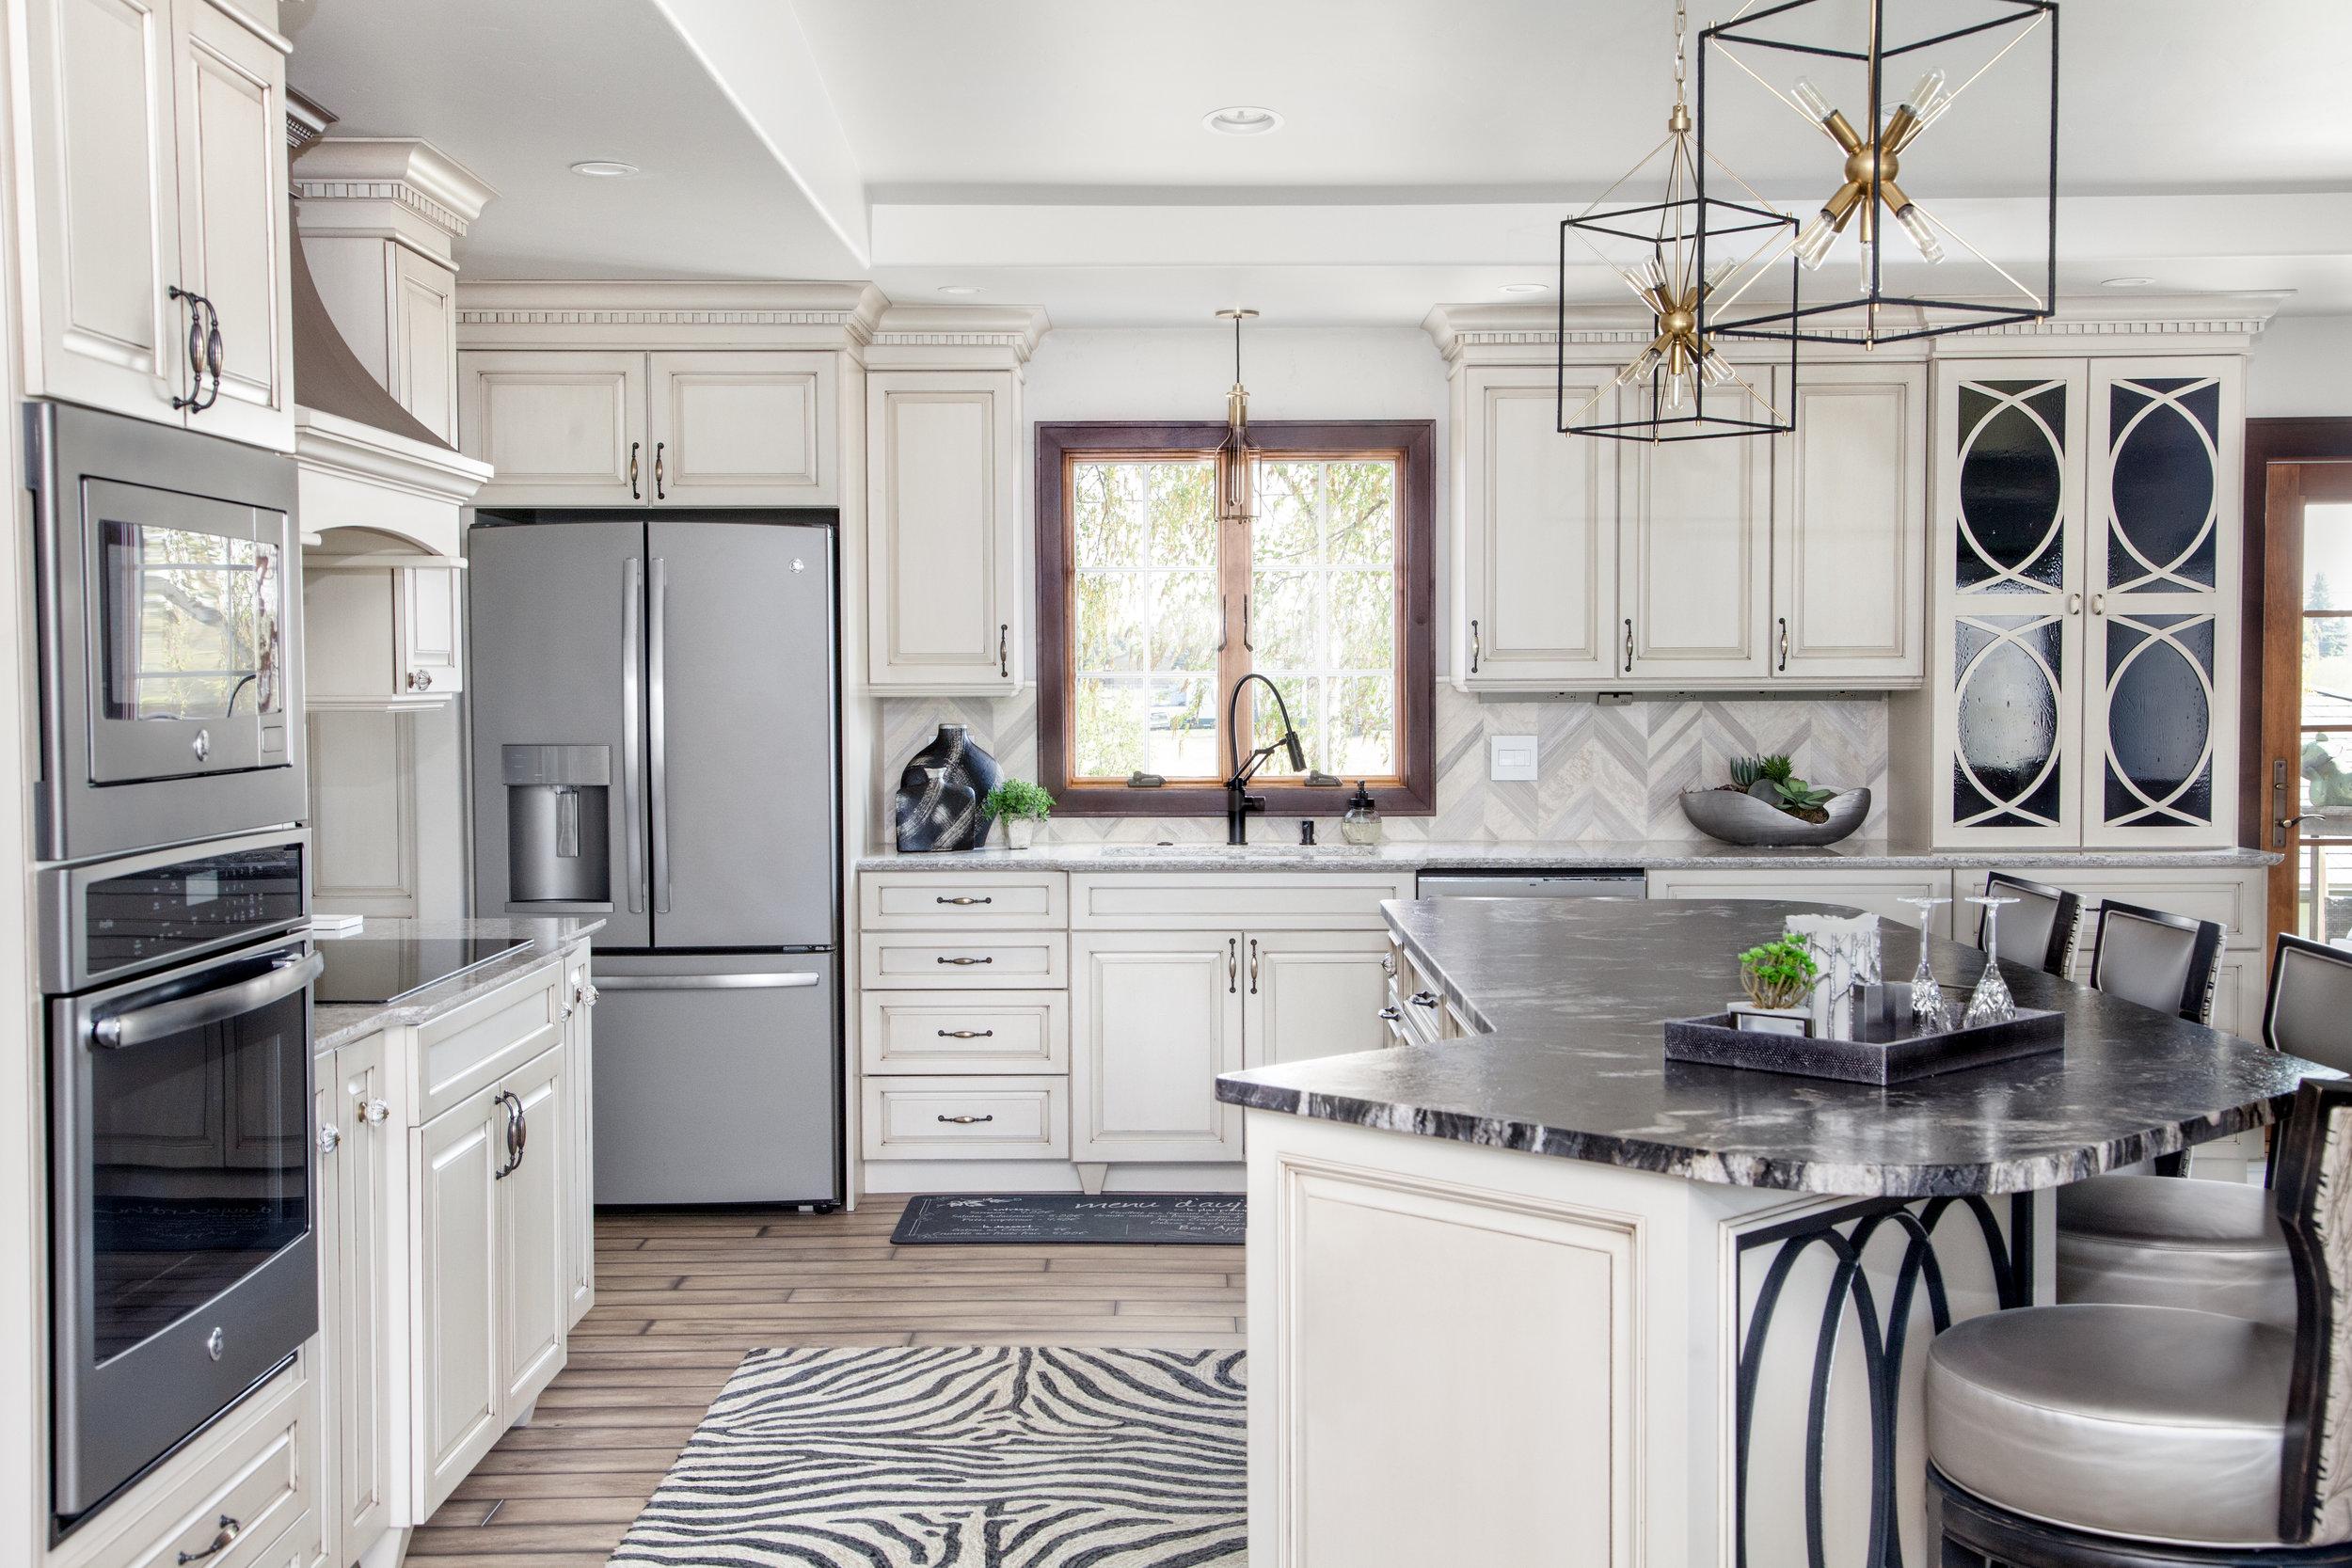 Kitchen Sink Wall.jpg